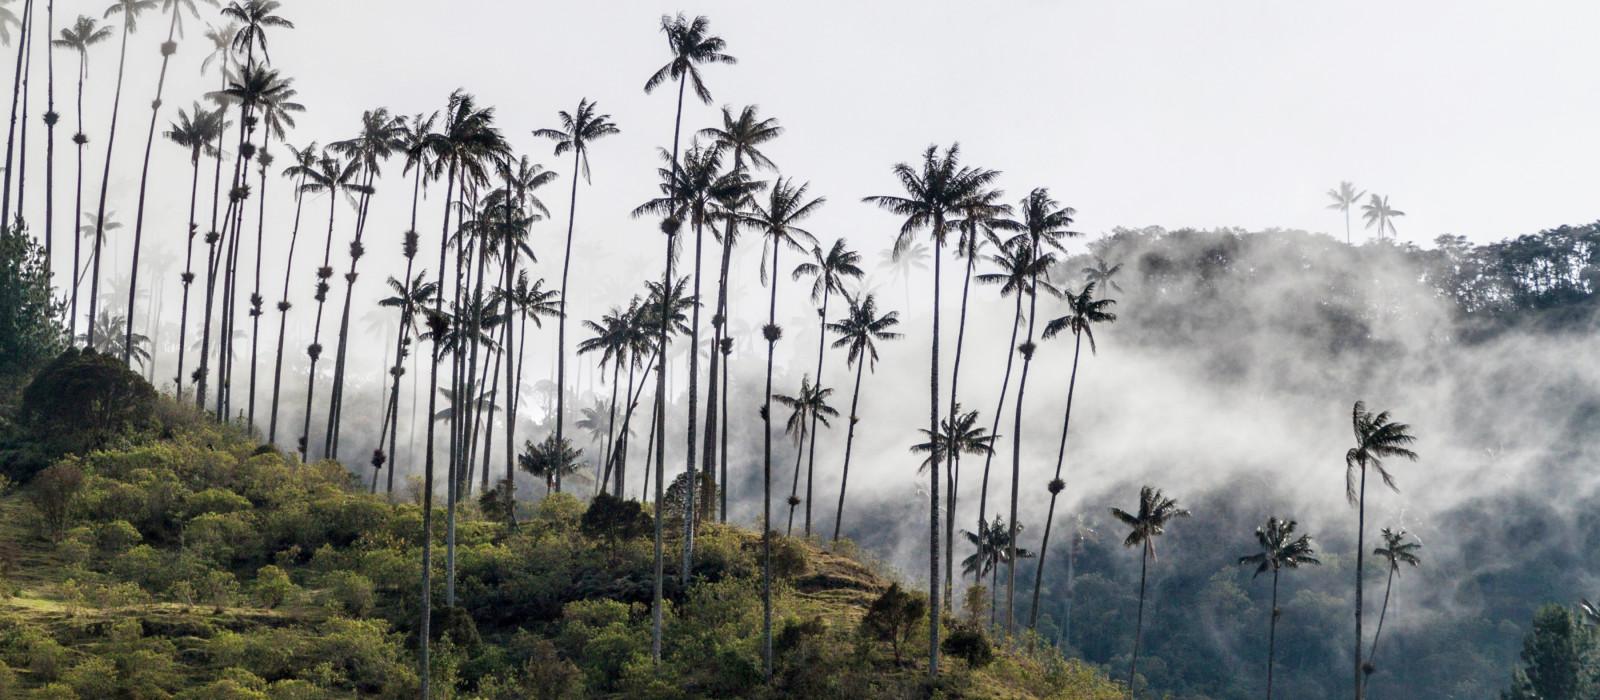 Wachspalmen im Cocora-Tal, Kolumbien, Südamerika